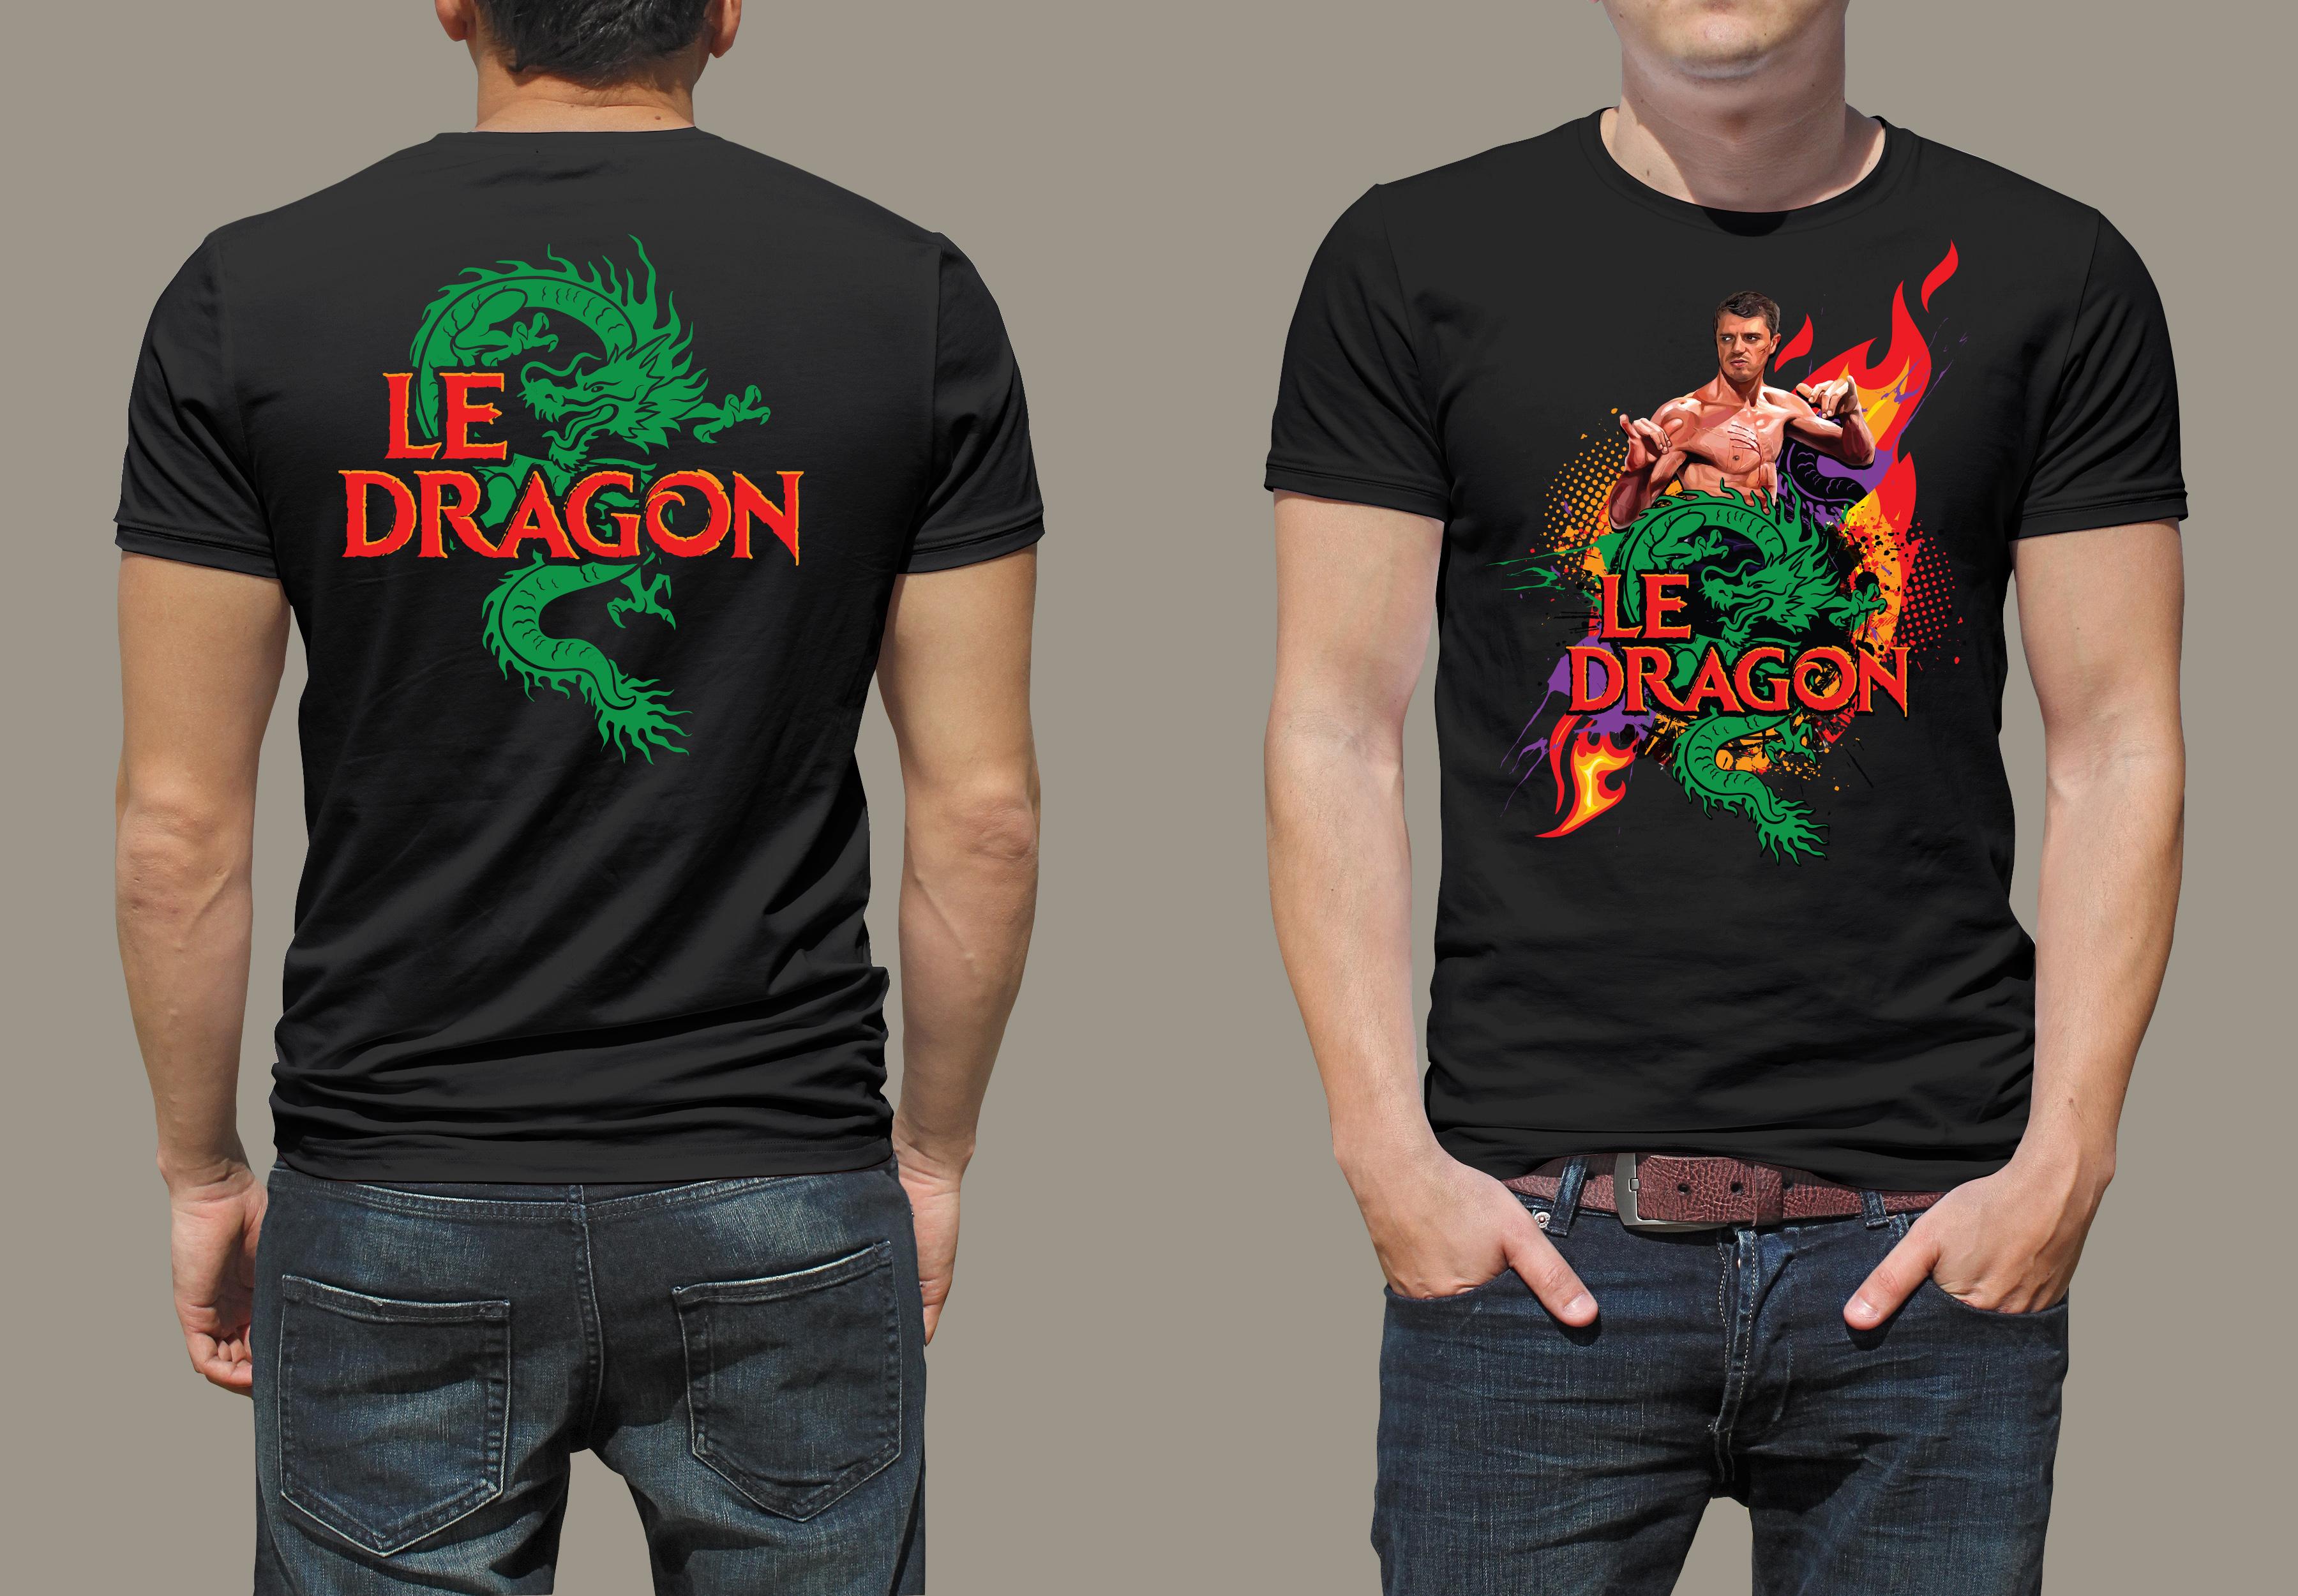 Promo_Le_Dragon